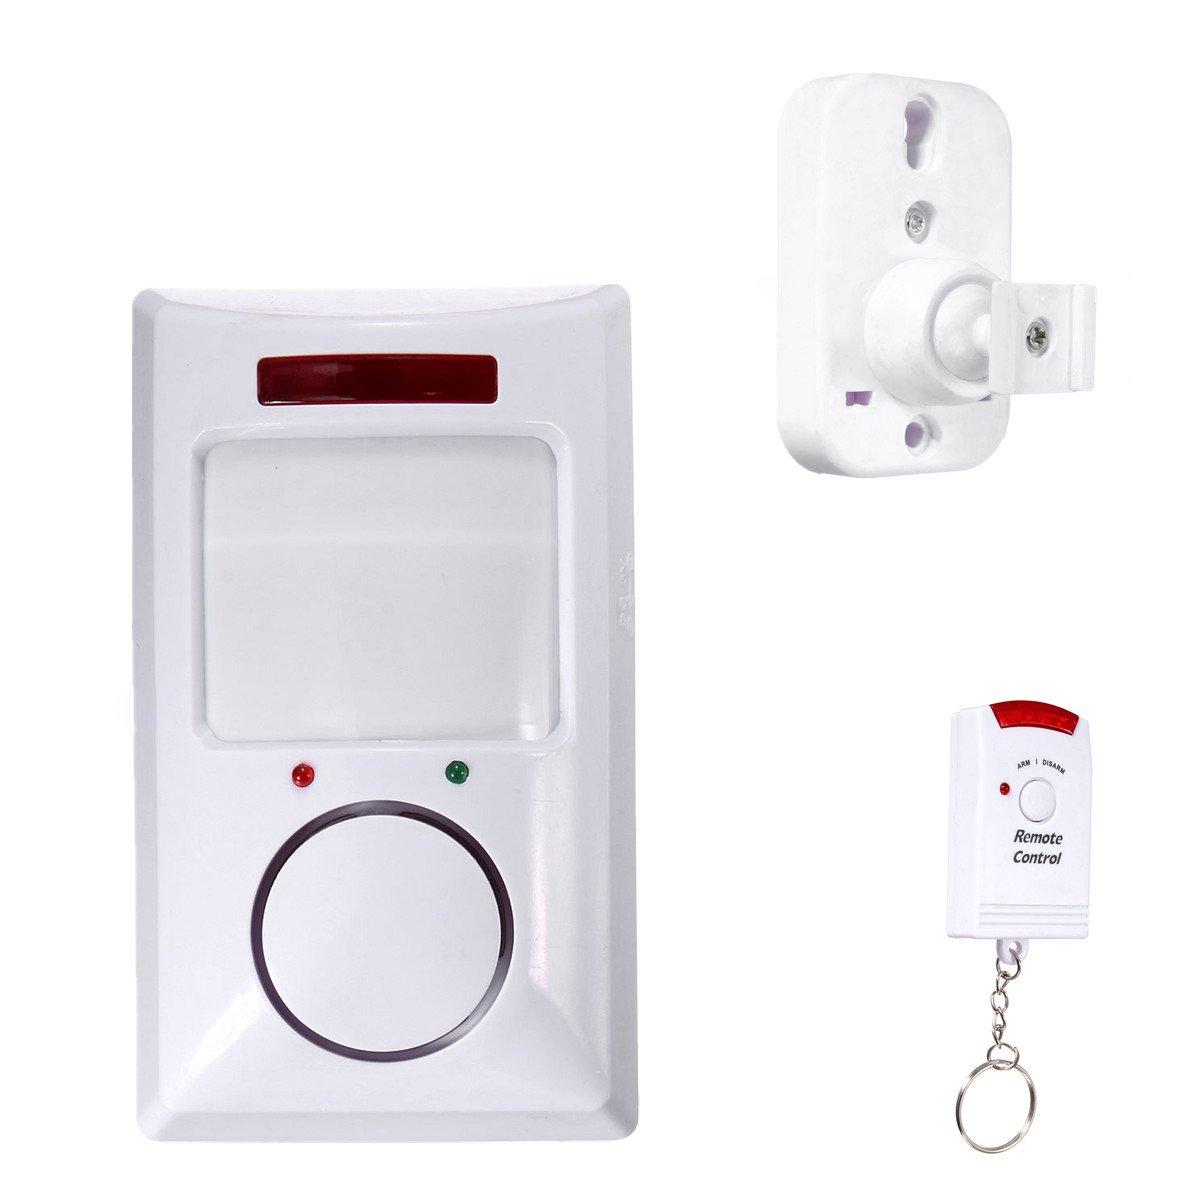 Detector de infrarrojos SODIAL detector de sensor de movimiento de IR inalambrico /& sistema de alarma de seguridad remoto de casa blanco R